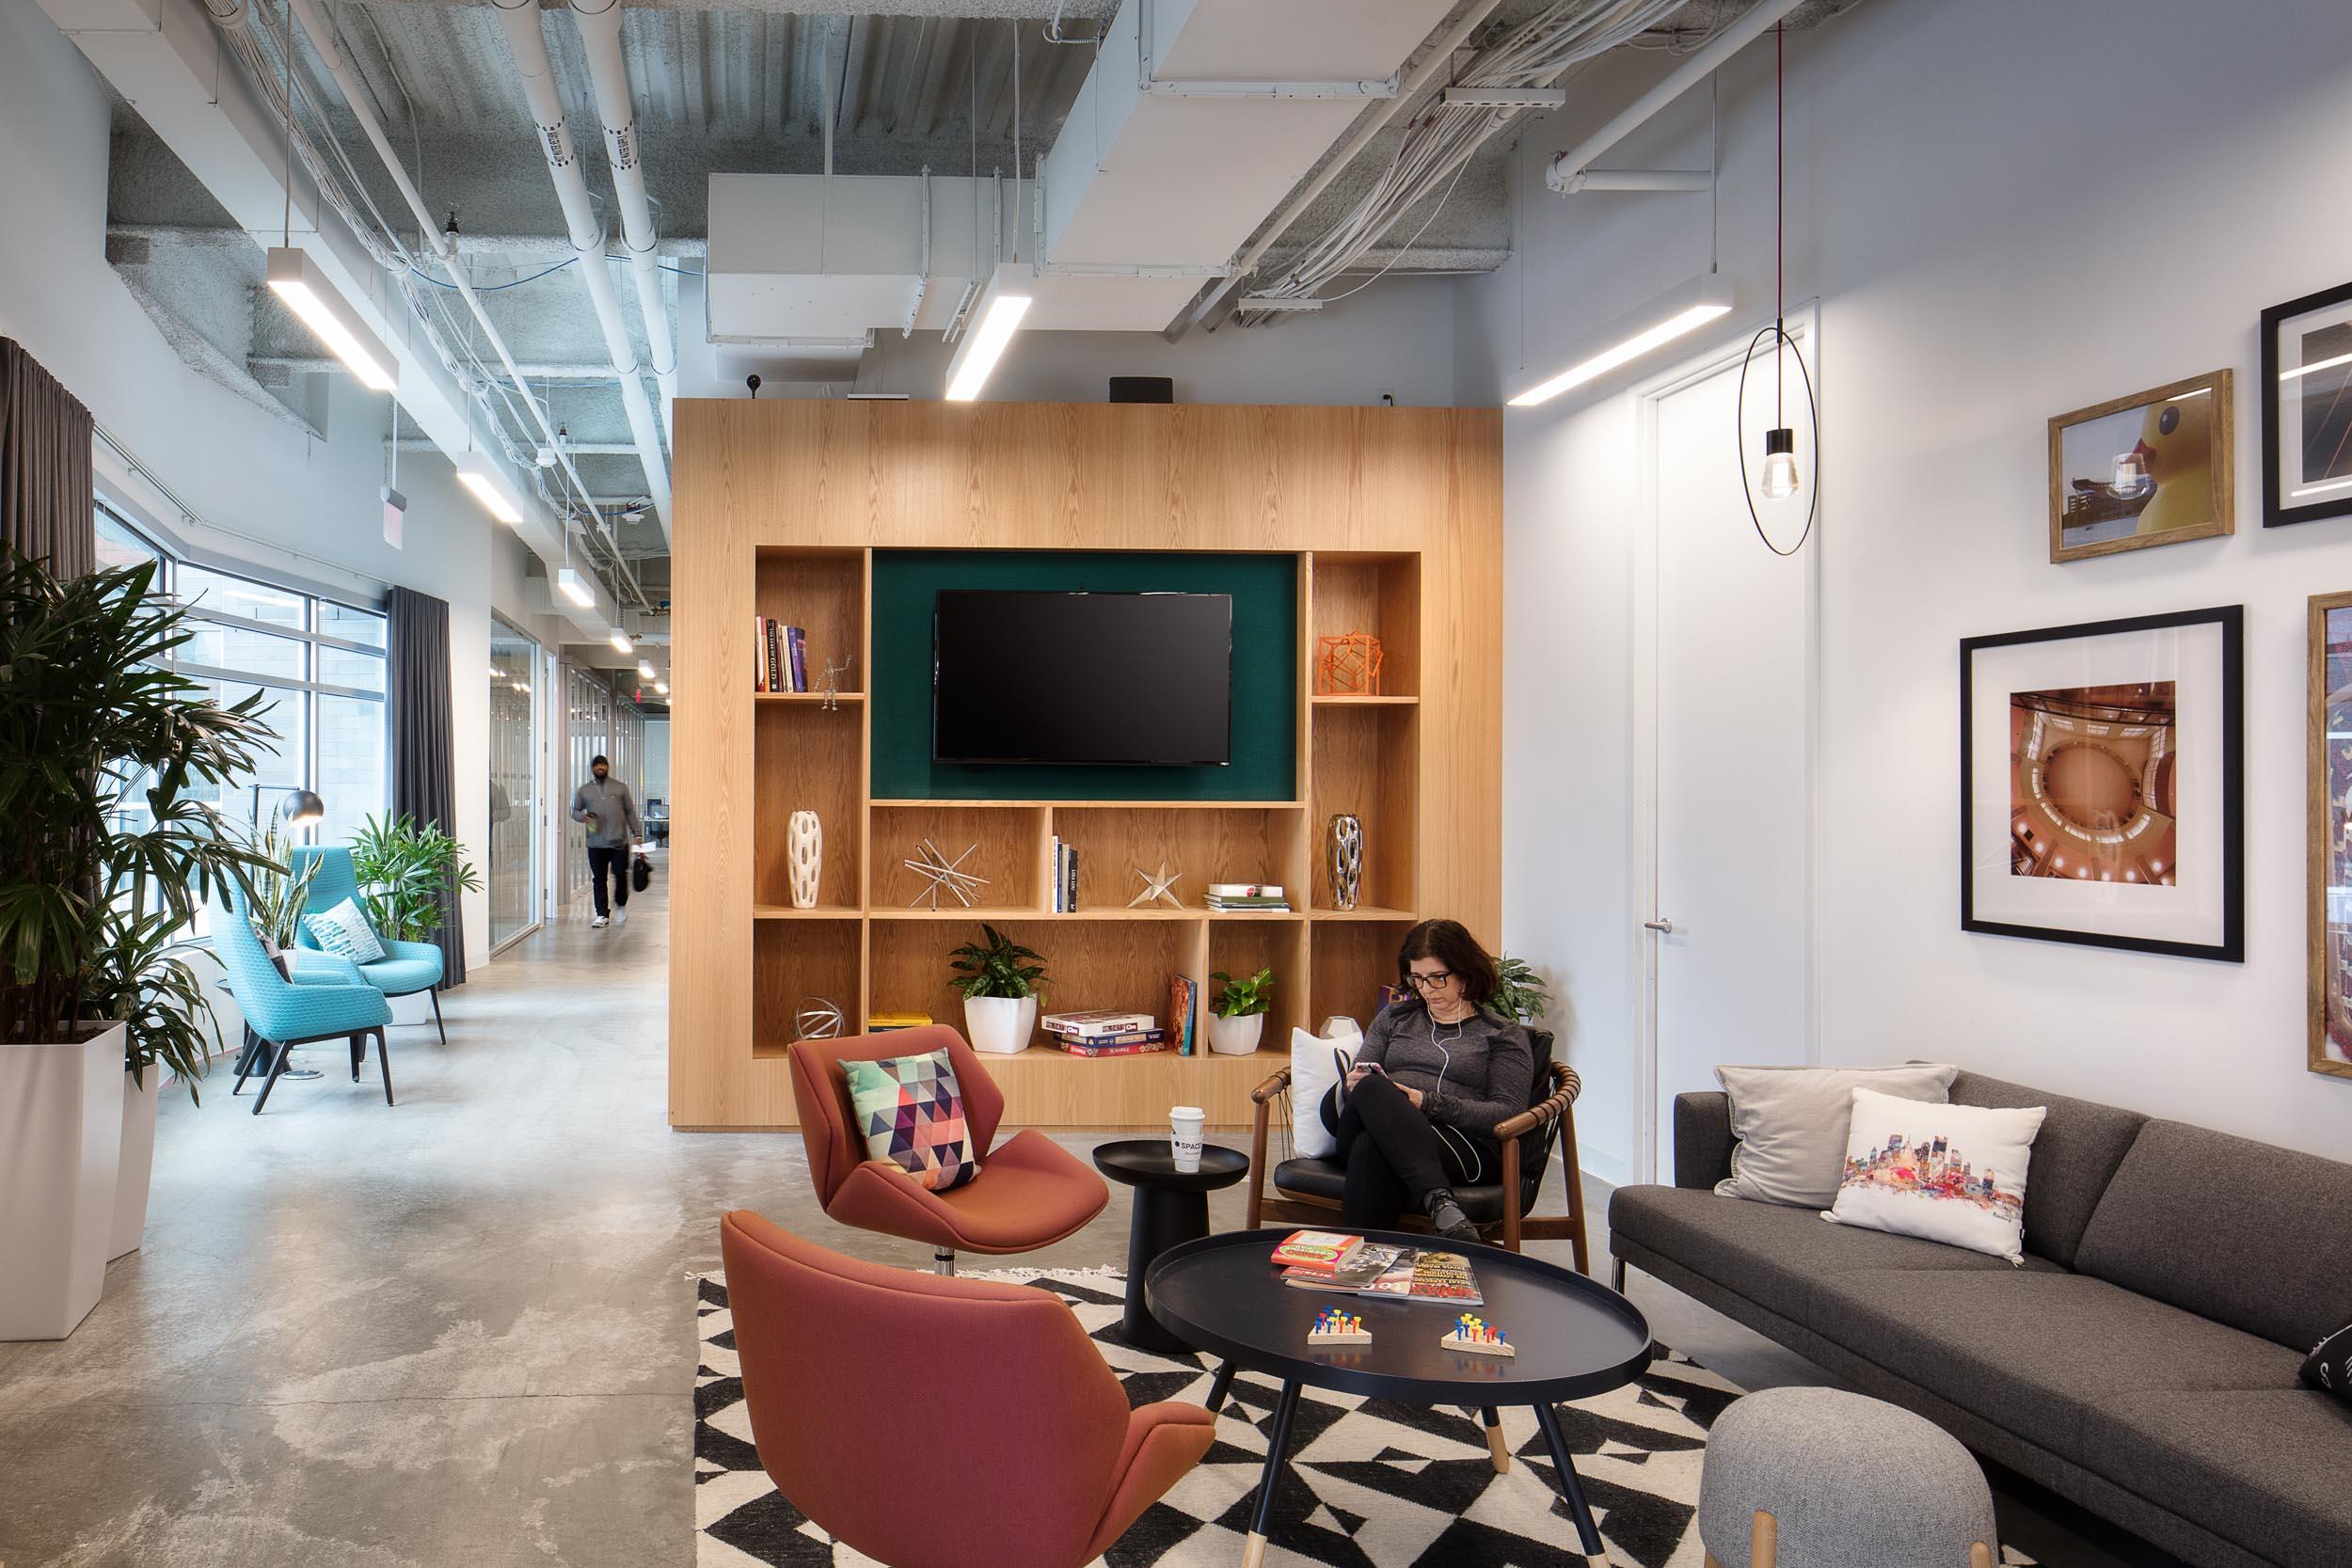 regus_spaces_office_workplace_coworking-12.jpg